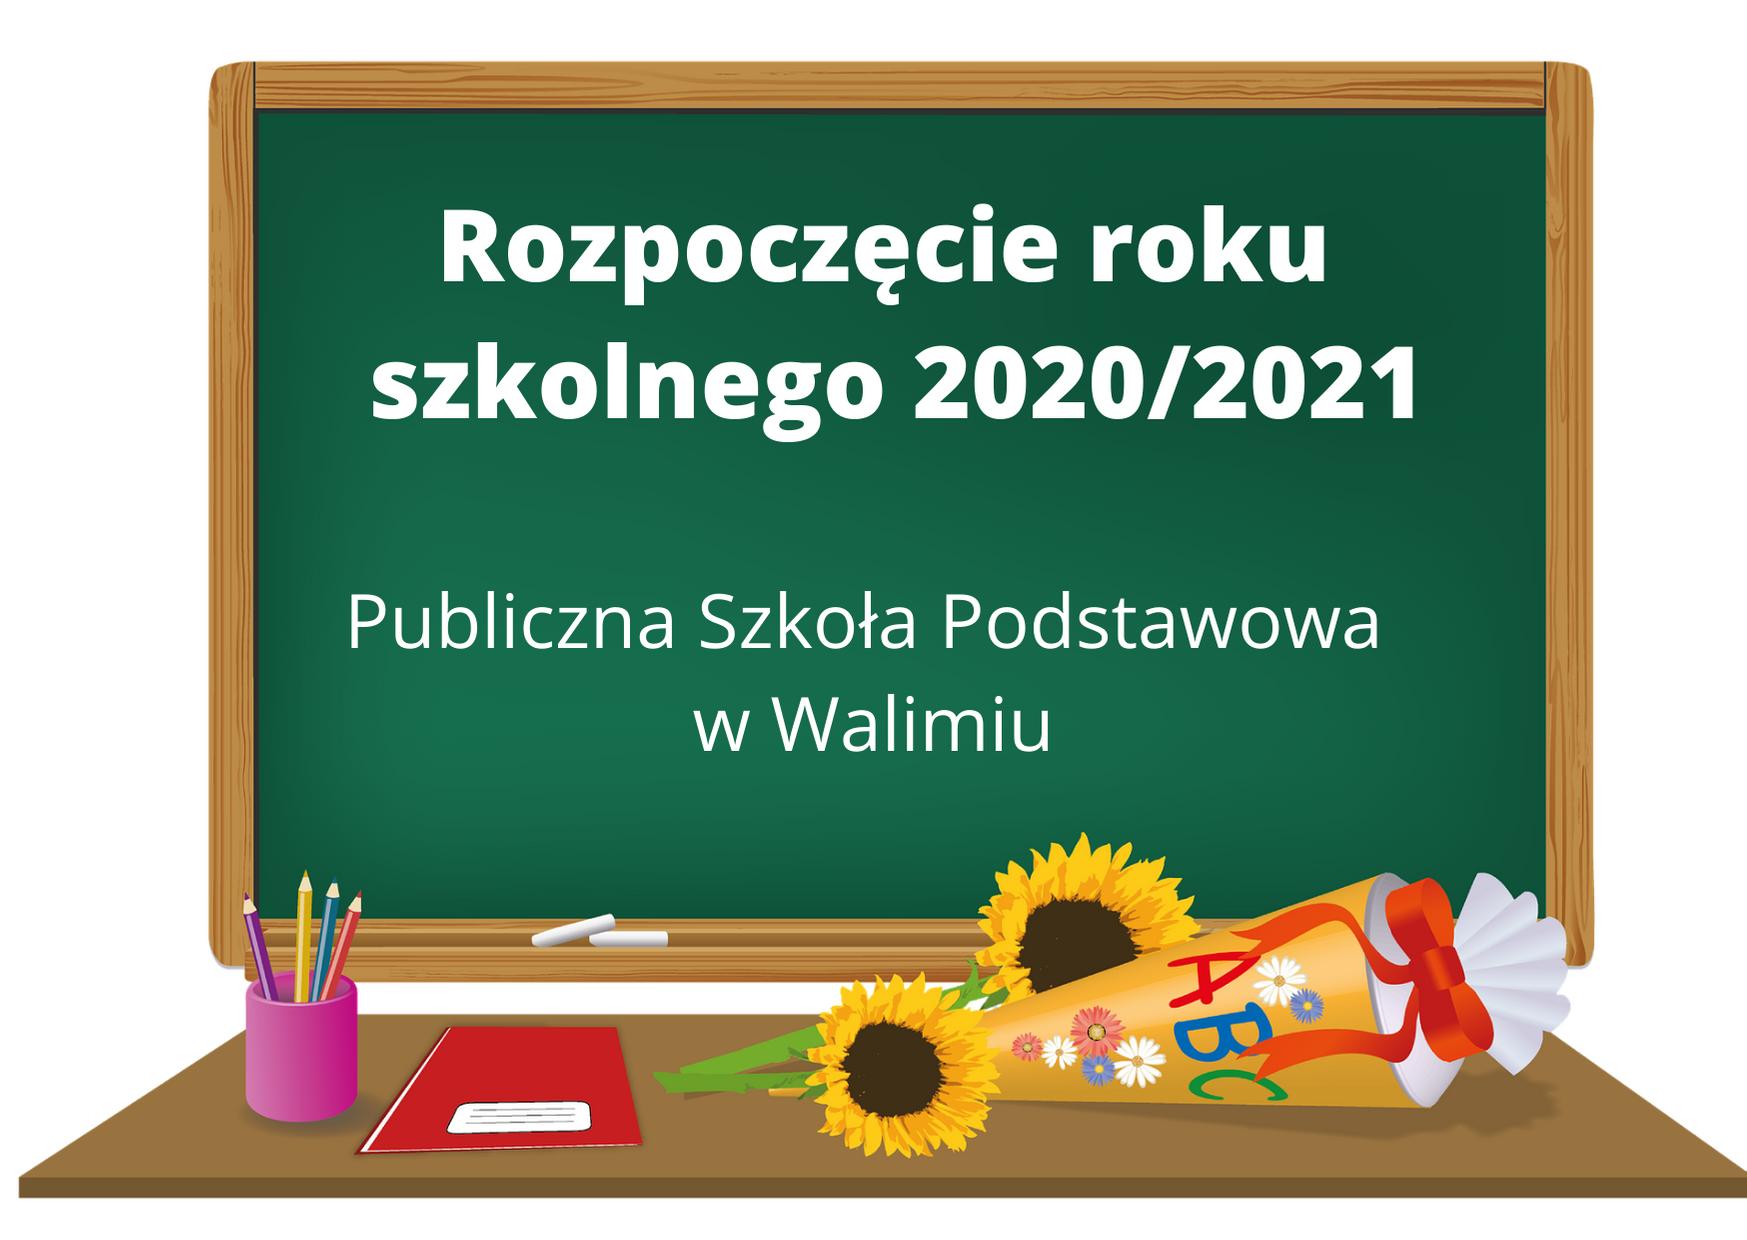 Rozpoczęcie roku szkolnego 2020/2021 w Publicznej Szkole Podstawowej w Walimiu